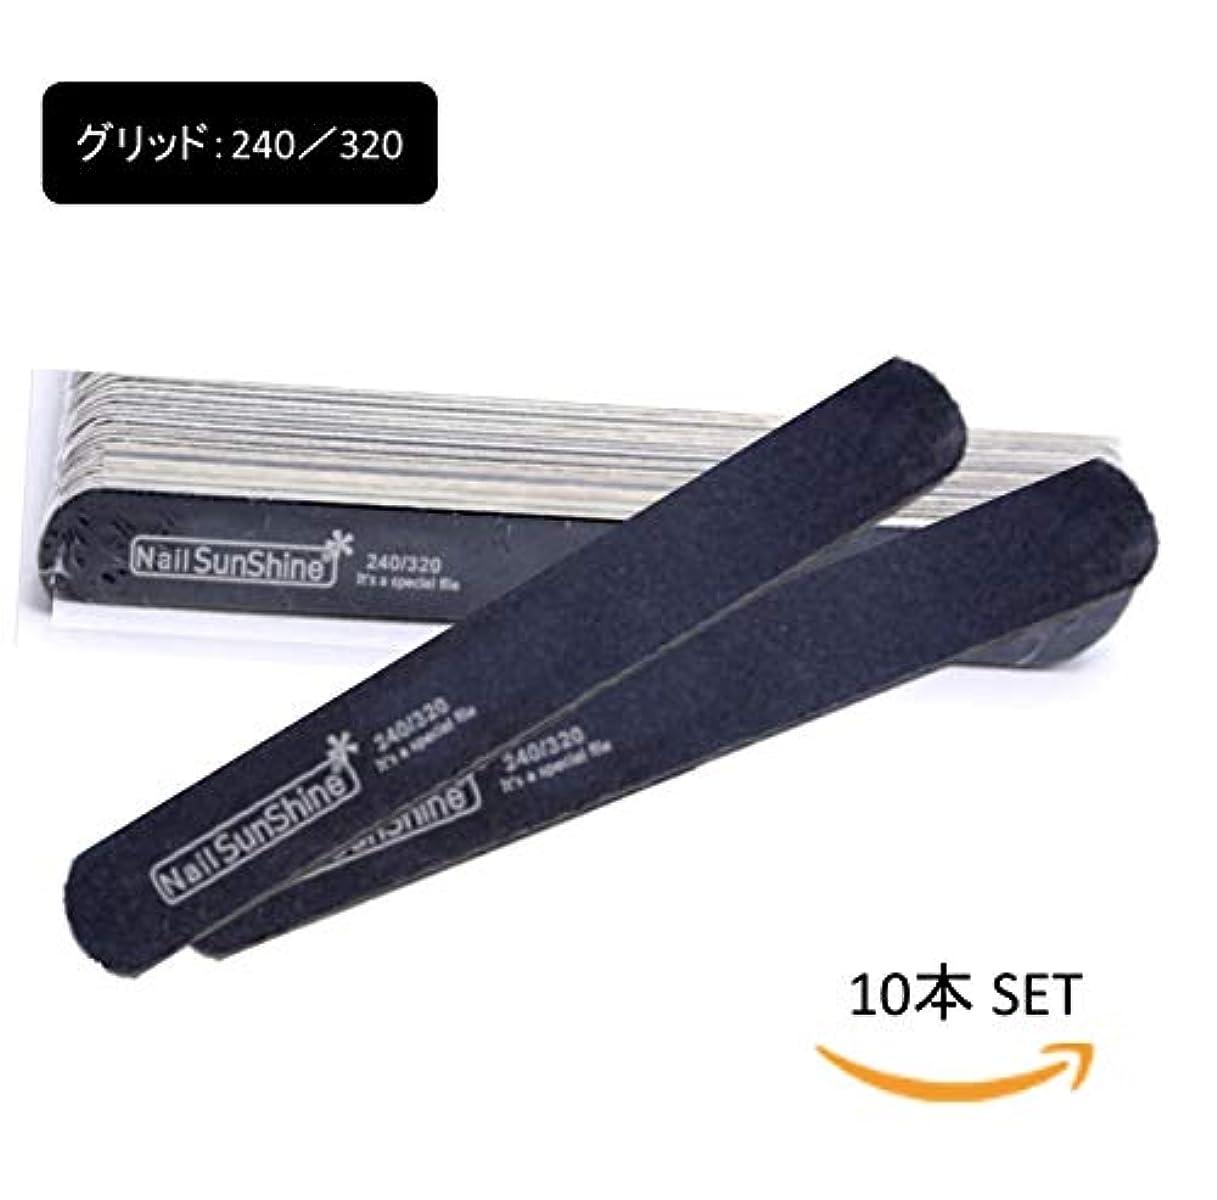 二年生輝度言い直すBEATON JAPAN 爪やすり ネイルファイル エメリーボード アクリルファイル 100/150 180/240 240/320 10本セット ジェルオフ (240/320)